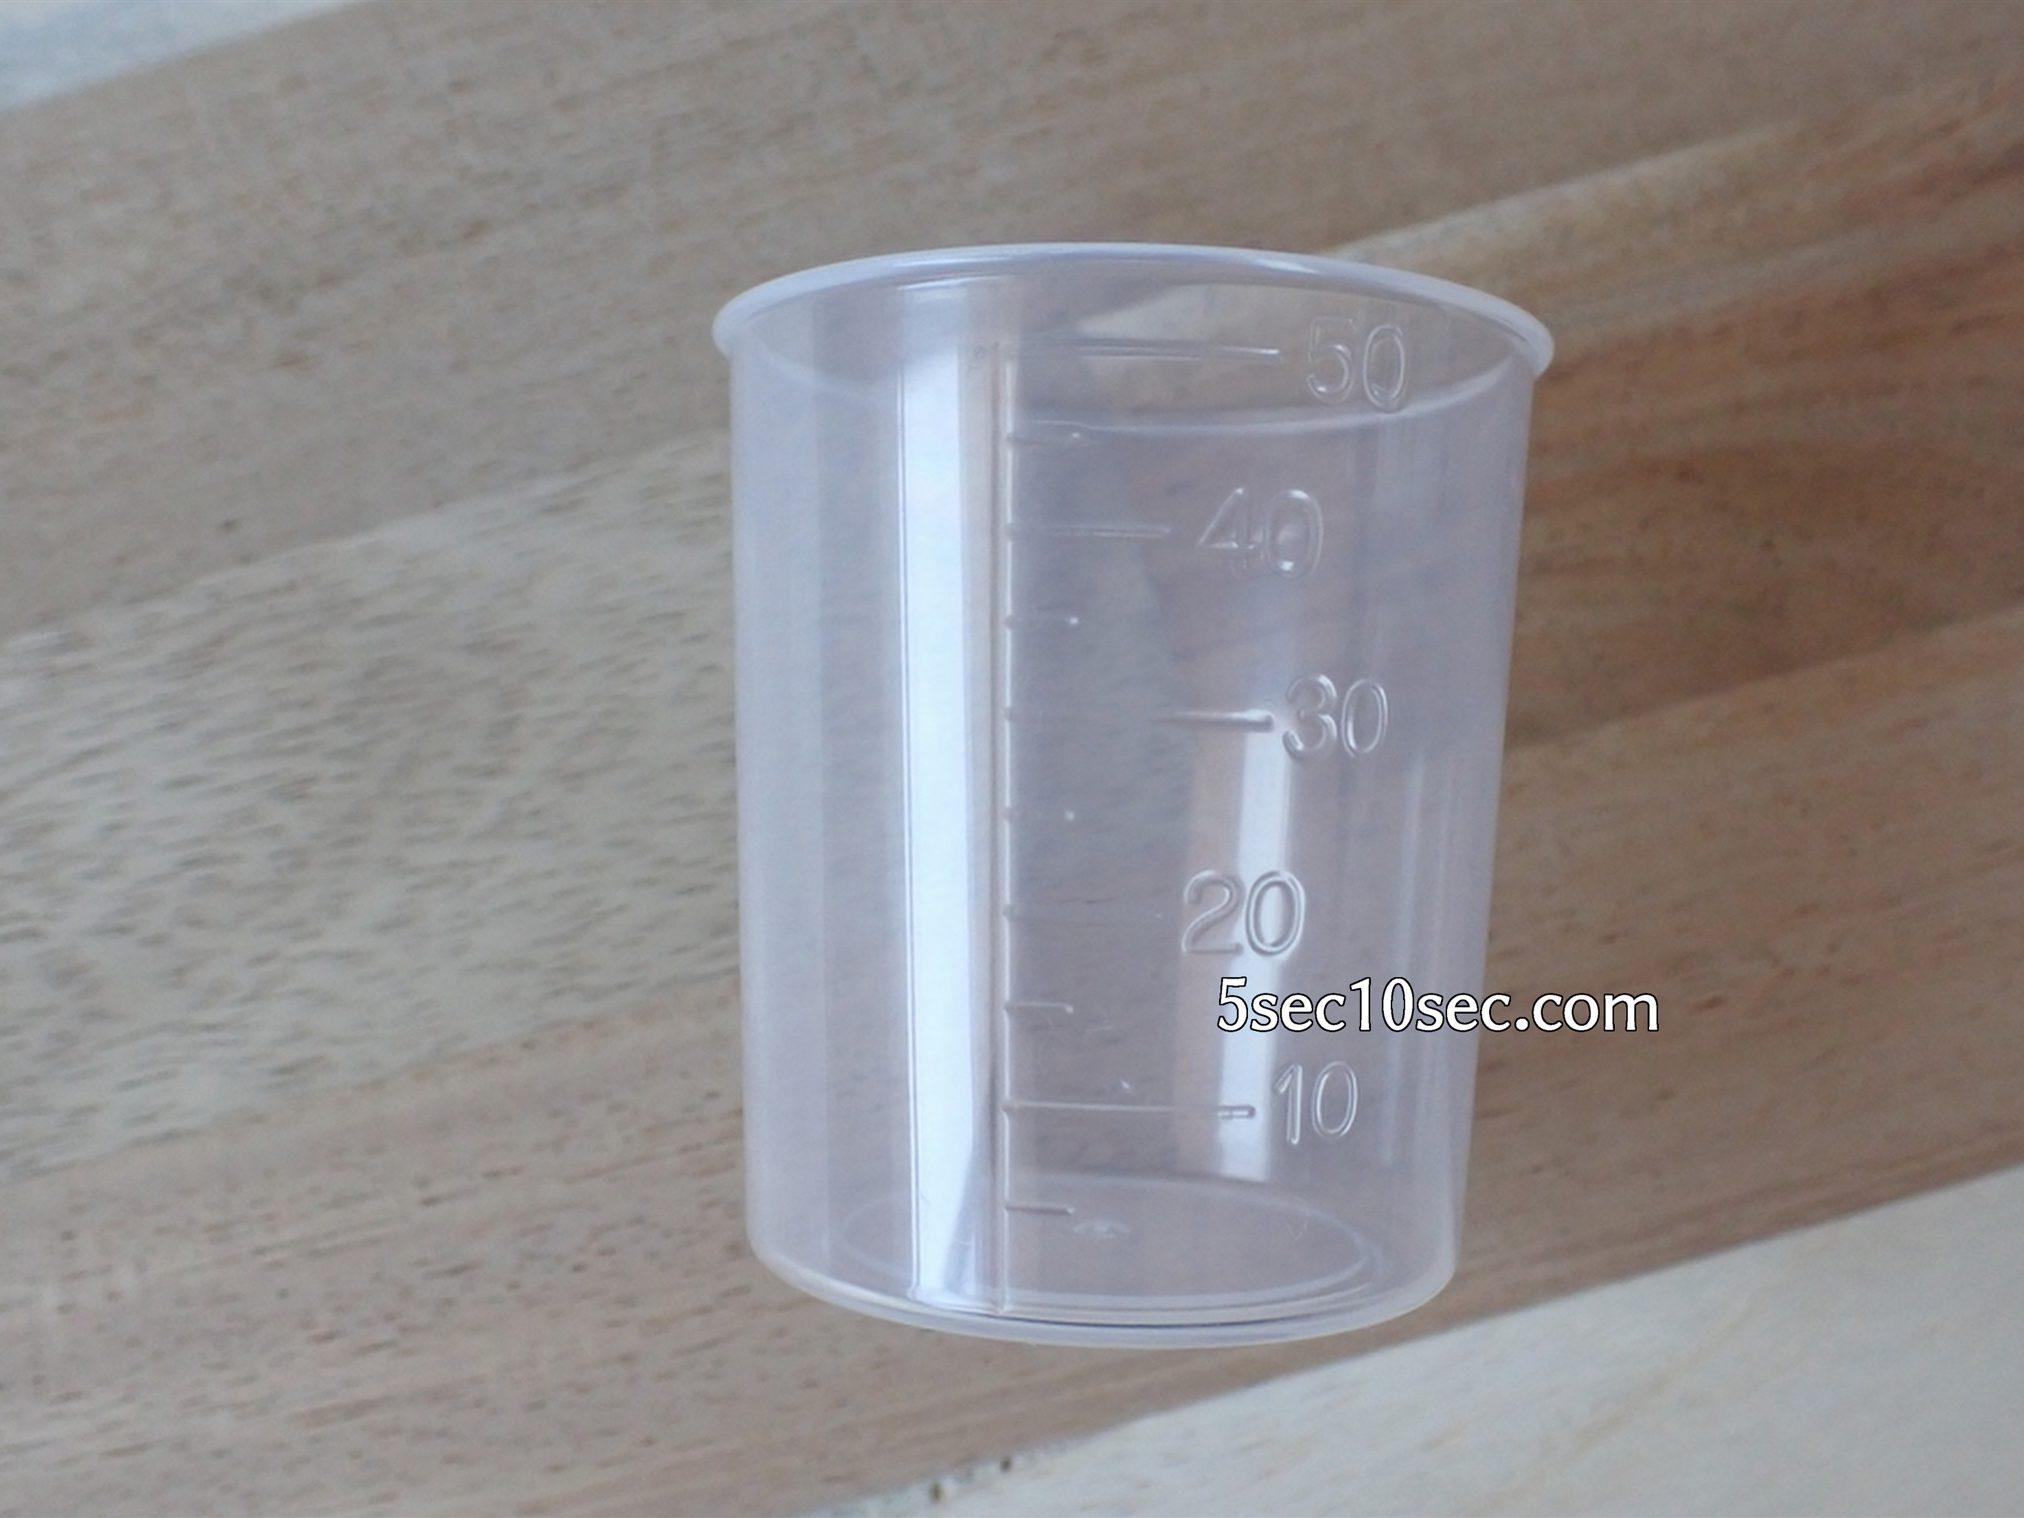 Curilla キュリラ 有機JAS認定 オーガニックサジージュース 30mlの計量に丁度いい計量カップが付属しています